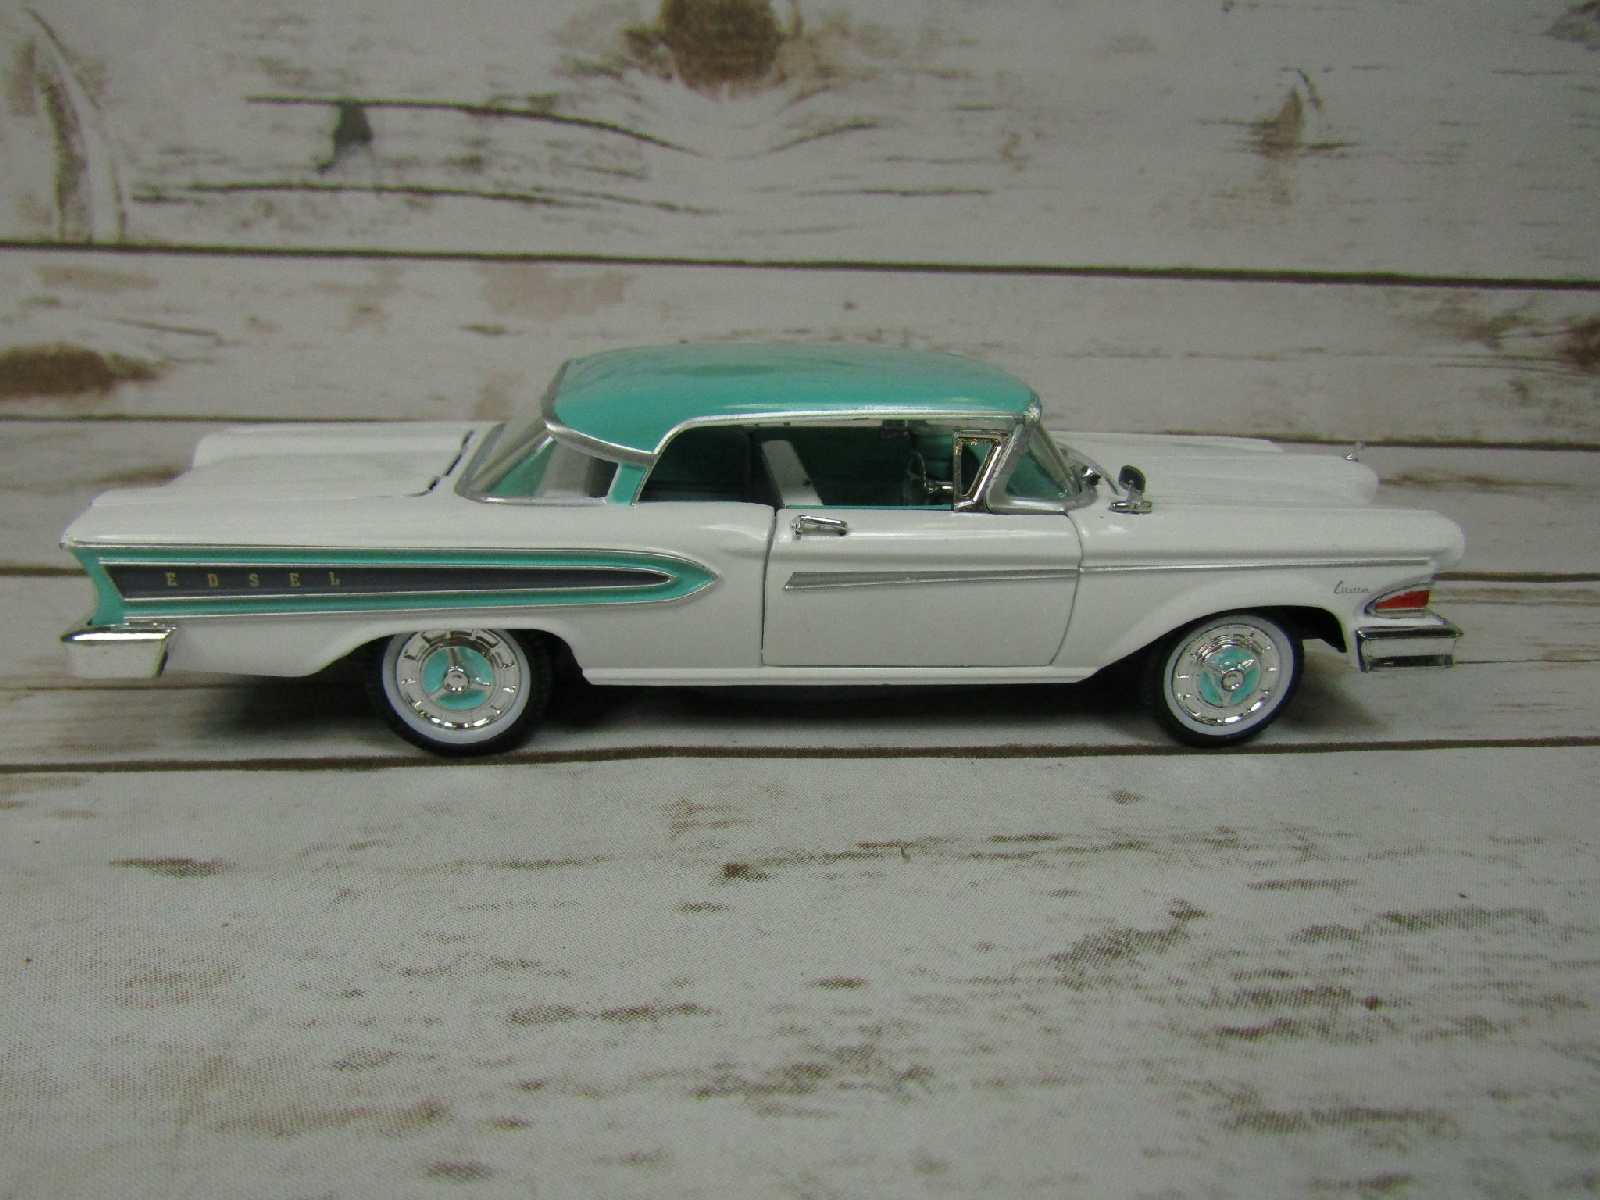 1958 ford edsel citation arko diecast model car in. Black Bedroom Furniture Sets. Home Design Ideas